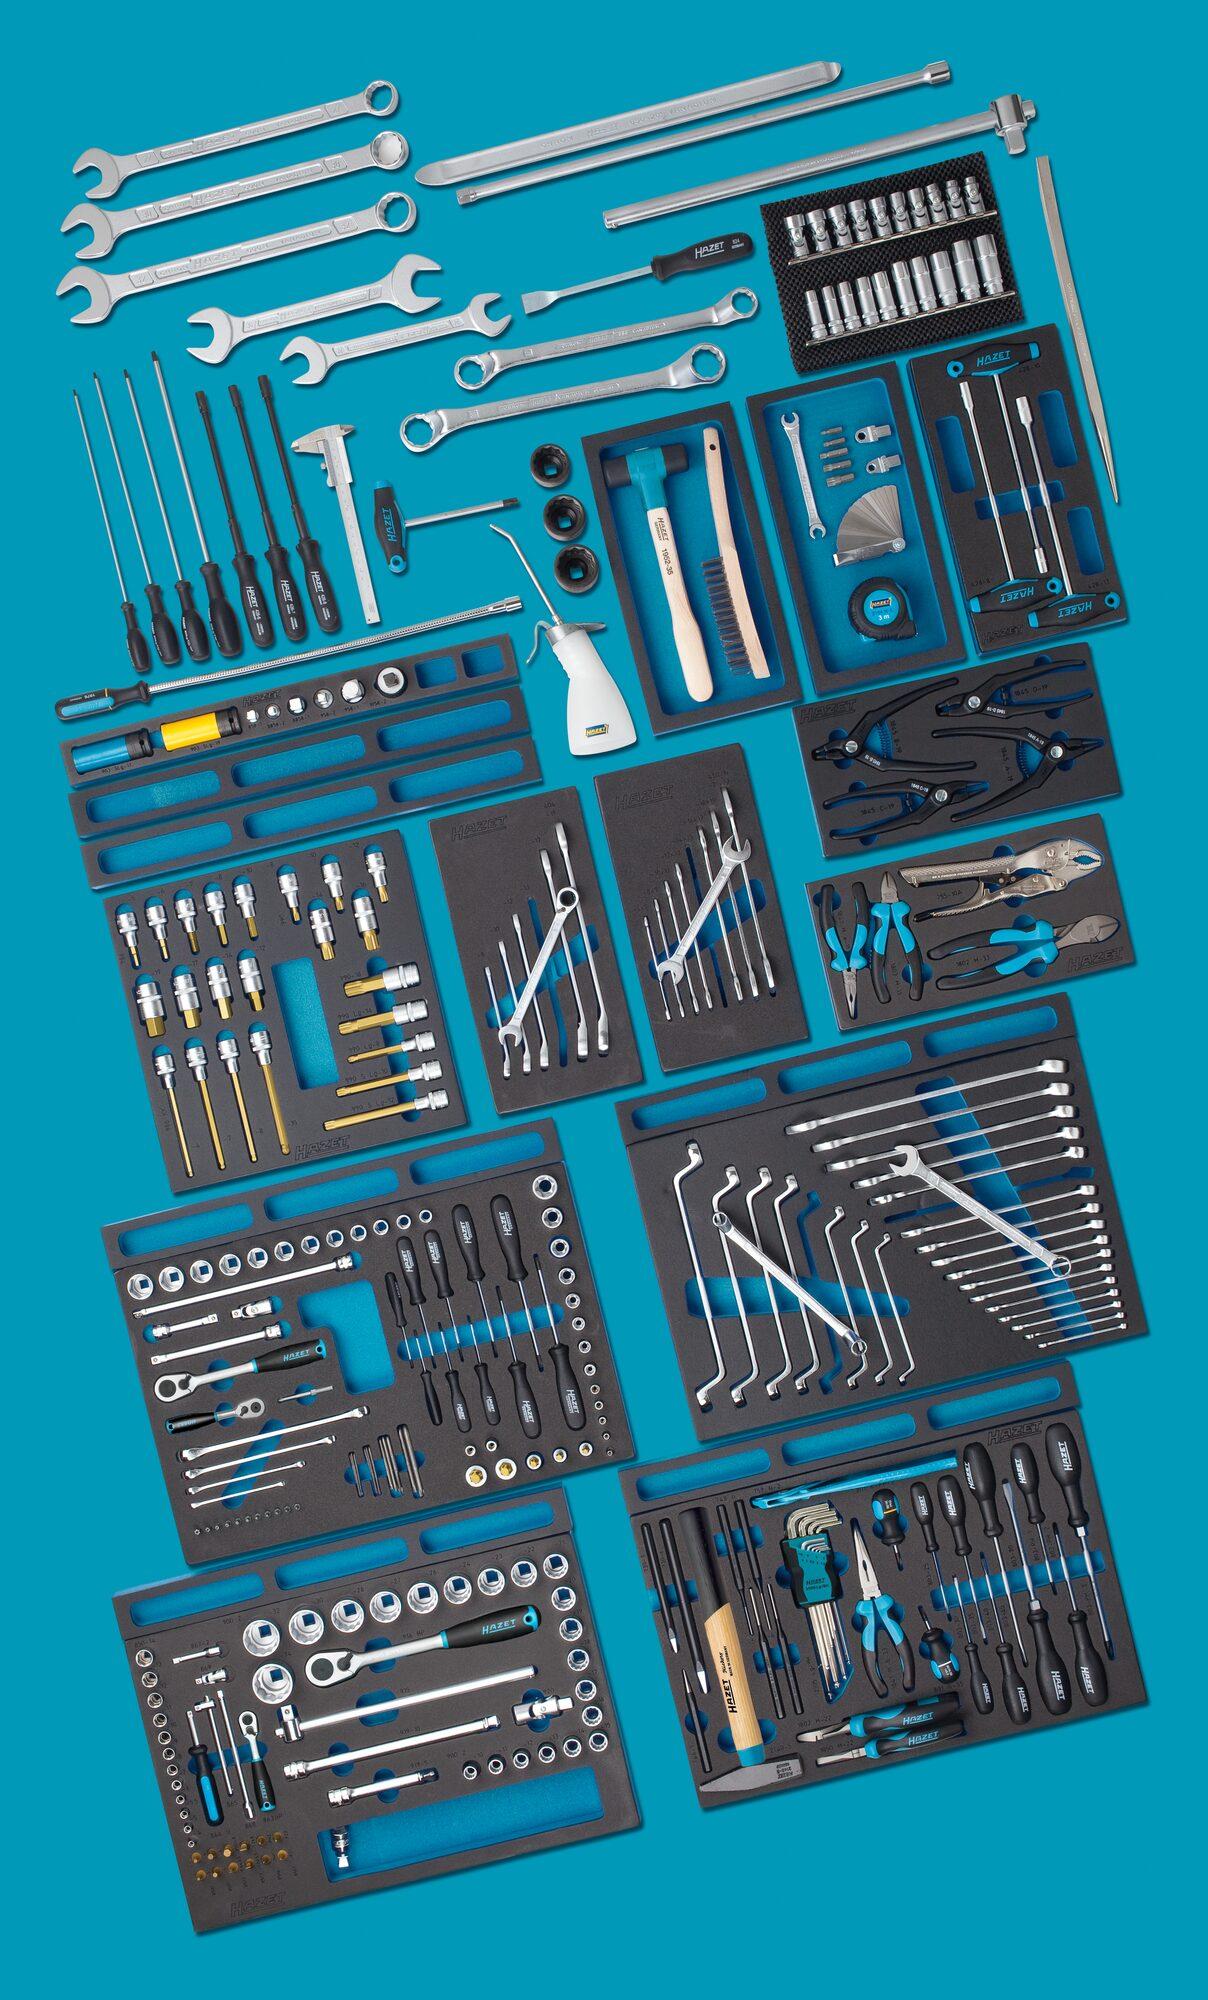 HAZET Werkzeug Sortiment ∙ MERCEDES-BENZ 0-2700-163/296 ∙ Anzahl Werkzeuge: 296